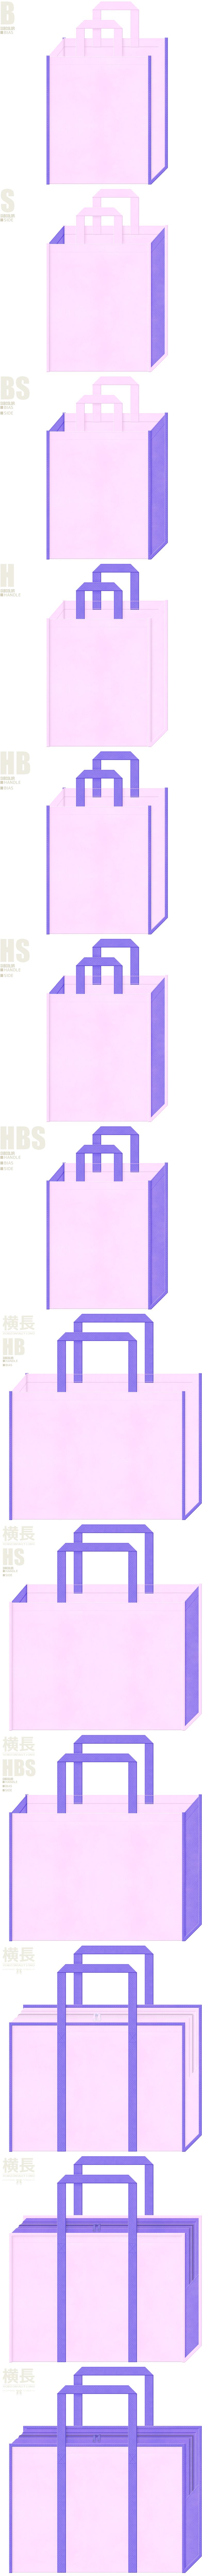 保育・福祉・介護・医療・ドリーミー・プリティー・ファンシー・プリンセス・マーメイド・パステルカラー・ガーリーデザインにお奨めの不織布バッグデザイン:パステルピンク色と薄紫色の配色10パターン